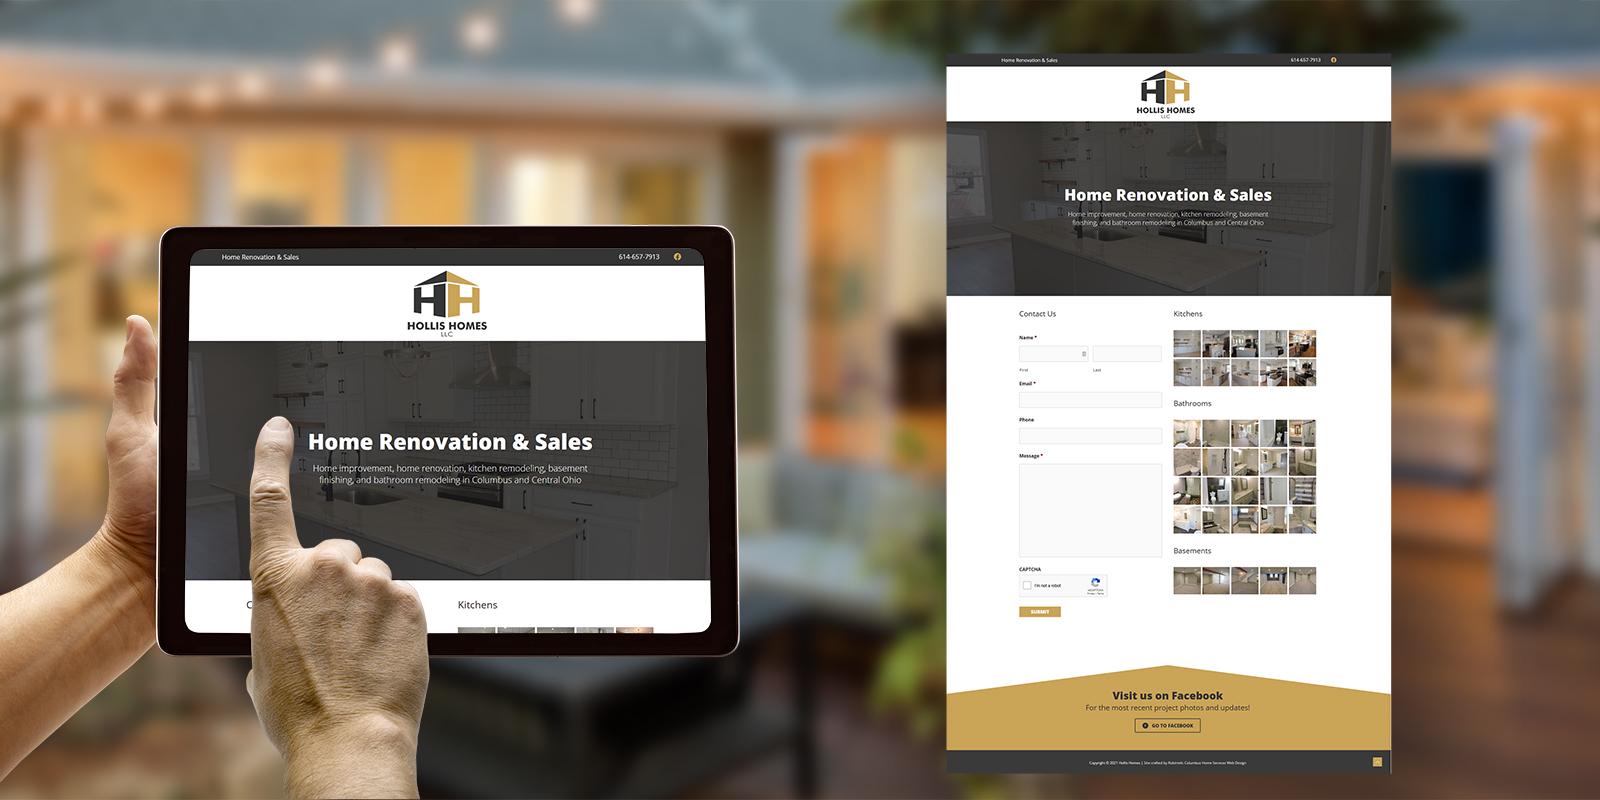 Hollis Homes website design